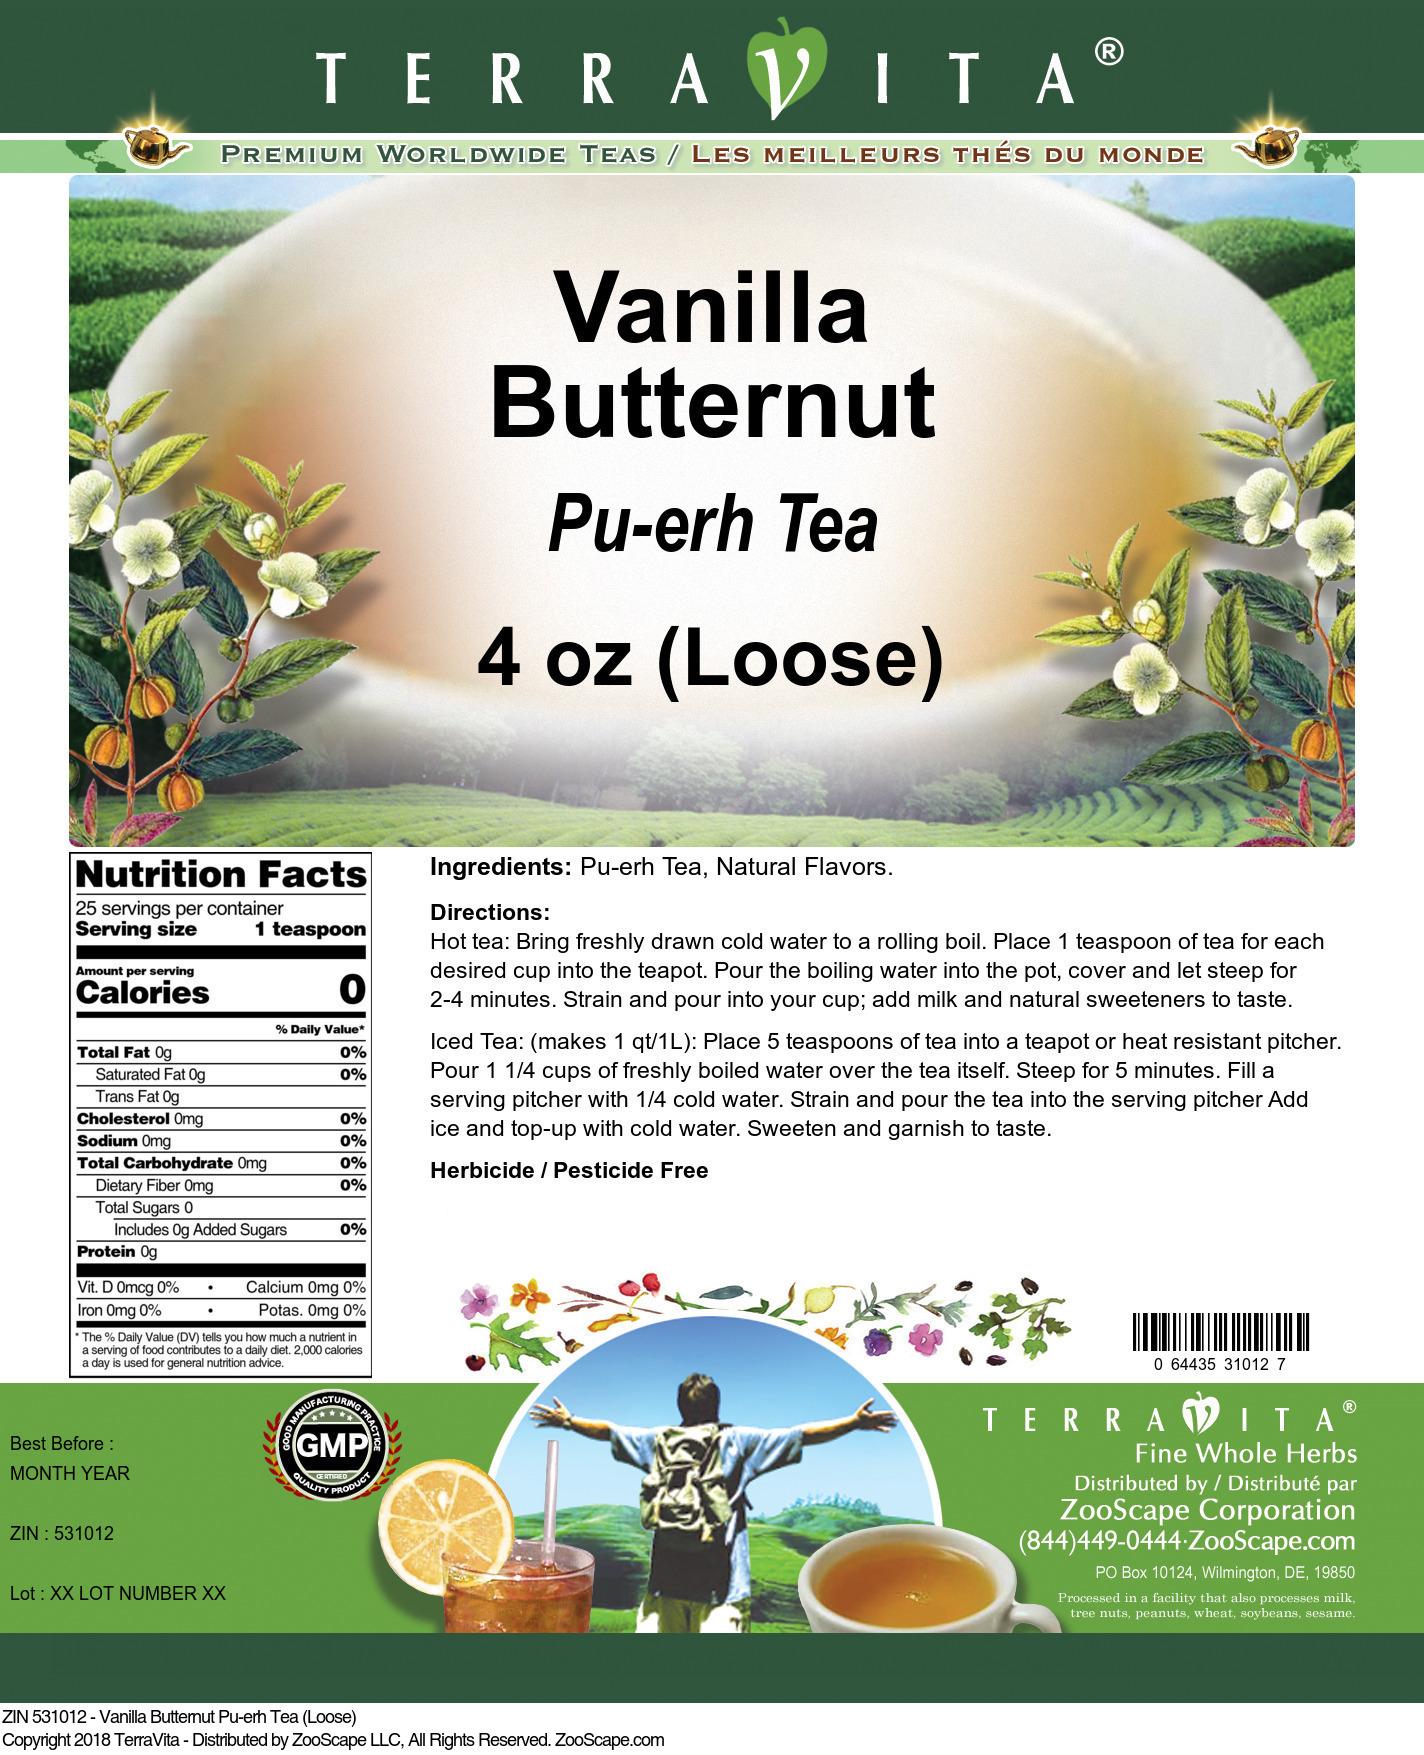 Vanilla Butternut Pu-erh Tea (Loose)